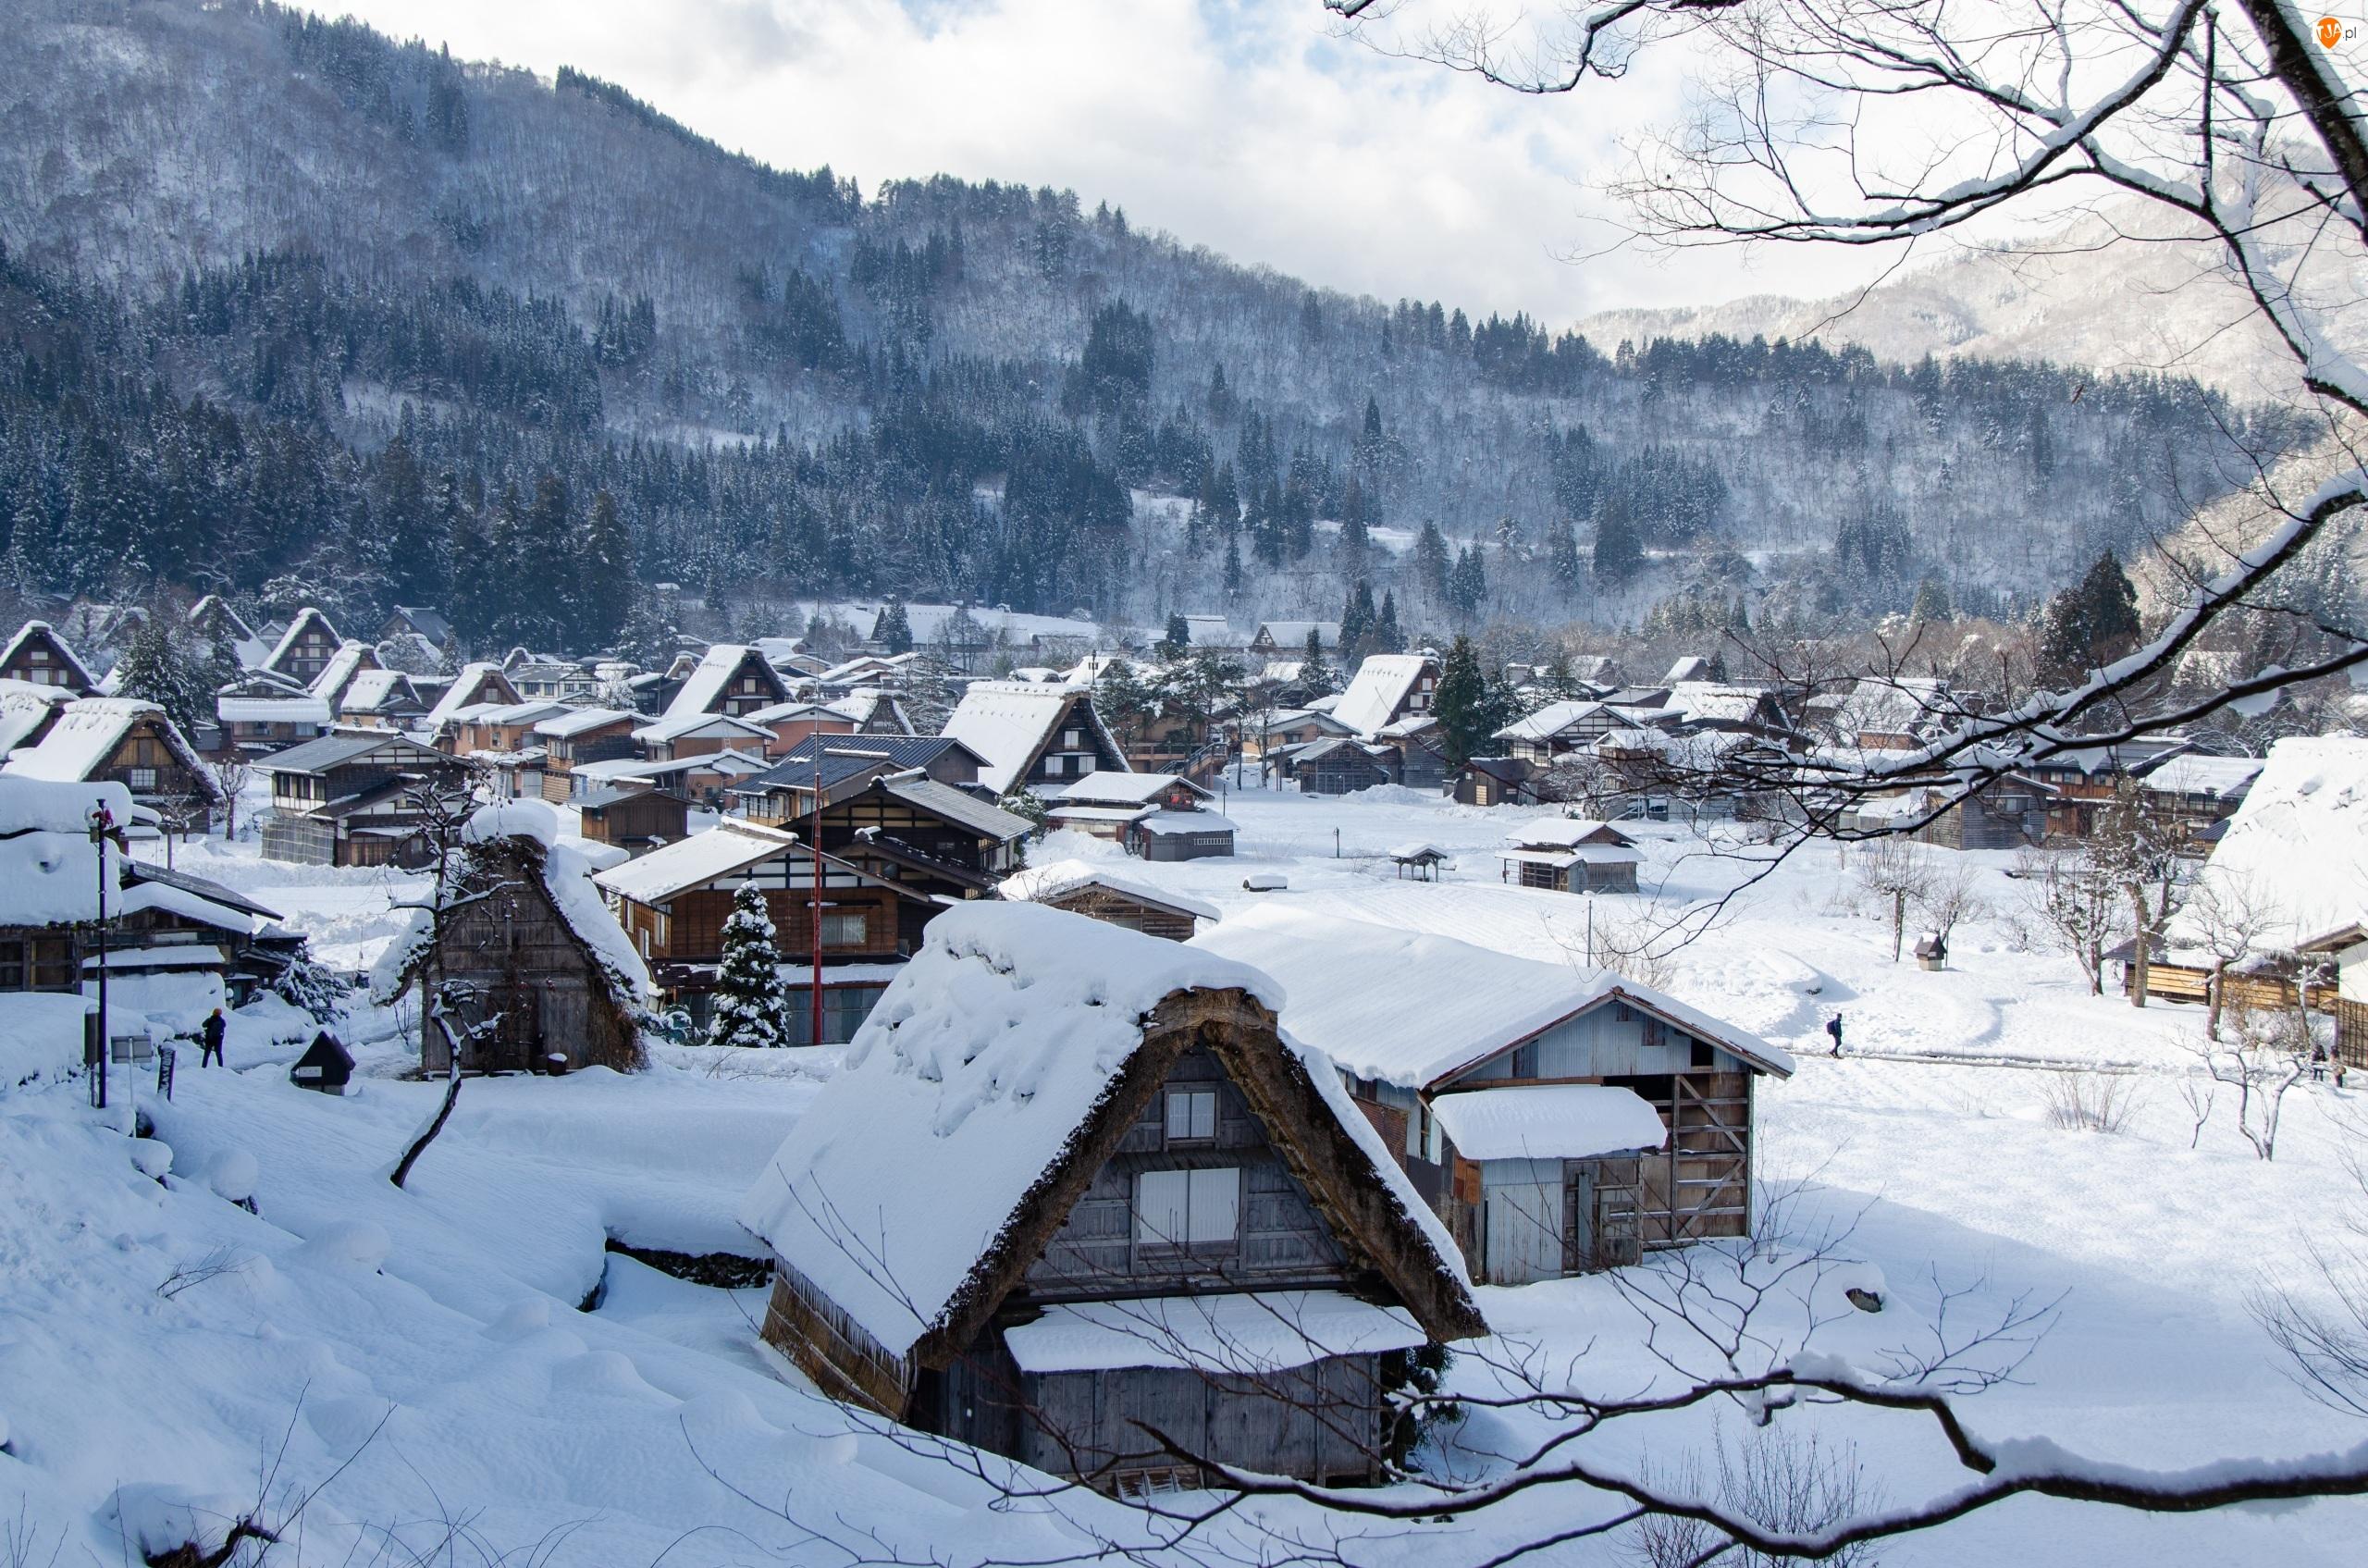 Japonia, Drewniane, Prefektura Gifu, Góry, Wieś Shirakawa, Domy, Śnieg, Zima, Drzewa